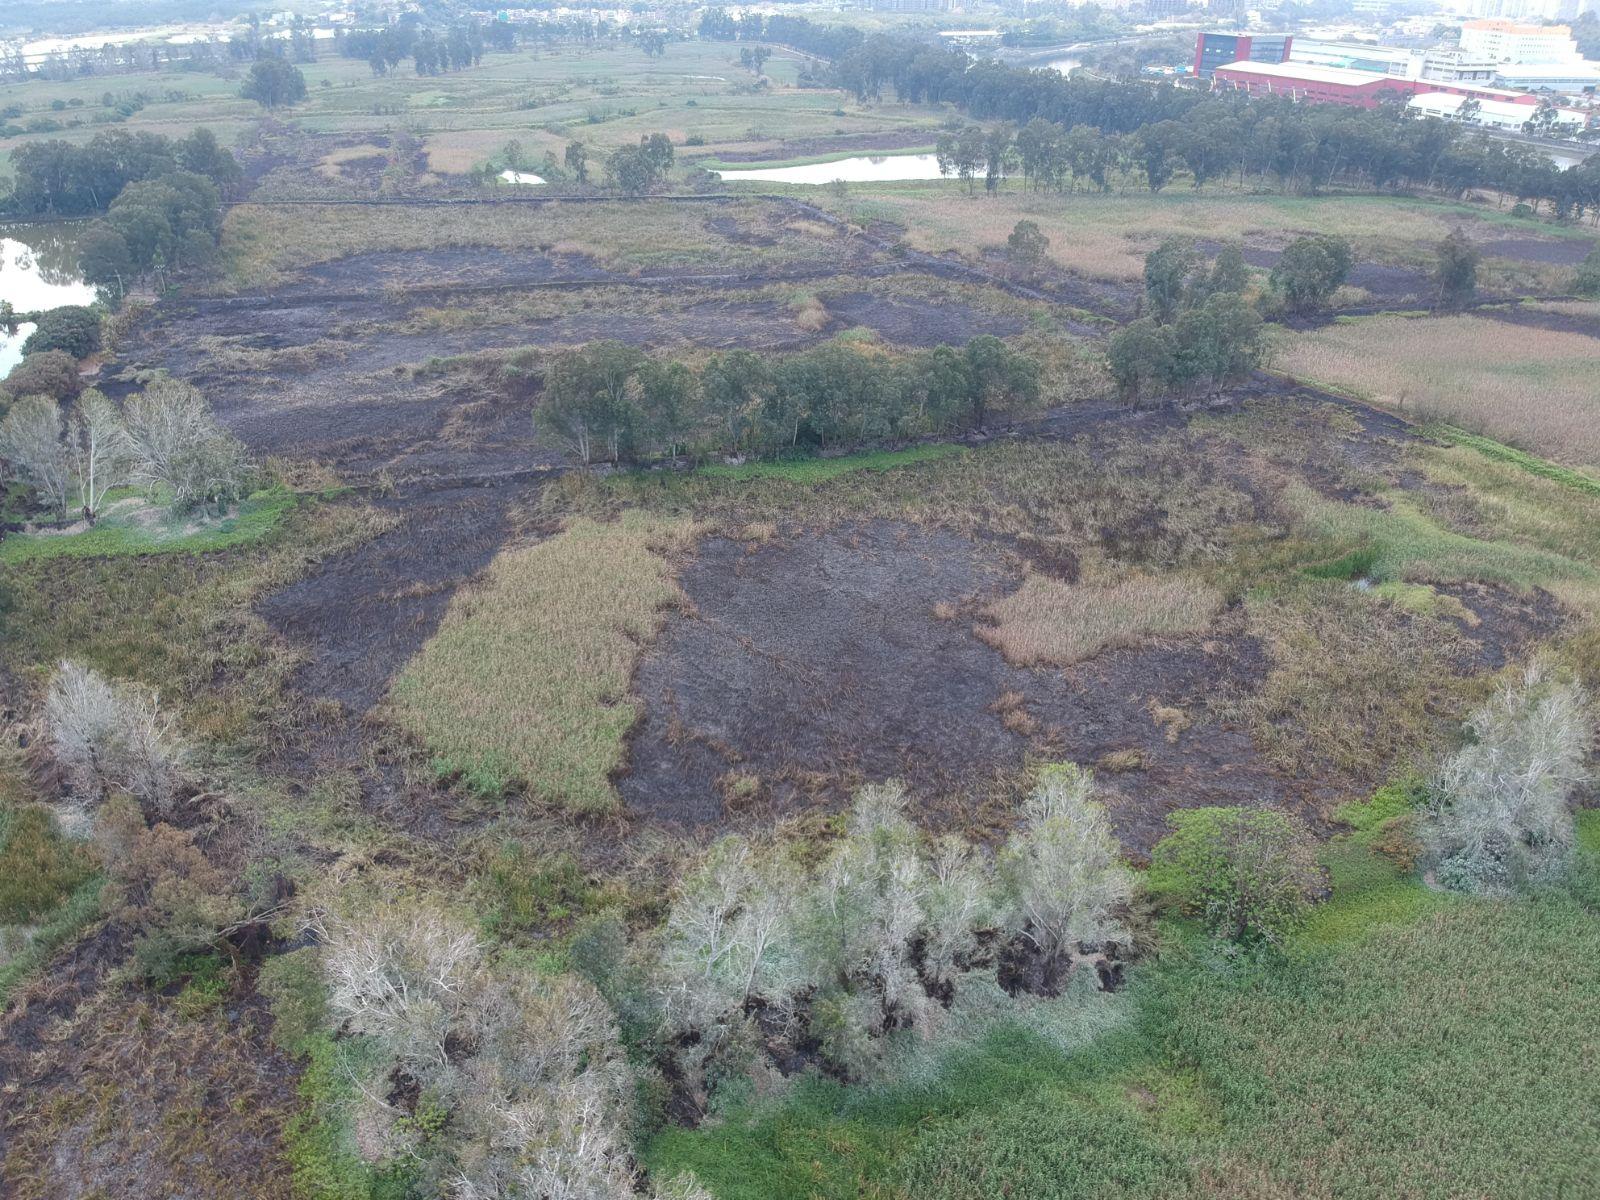 大批珍貴樹木被燒。讀者提供